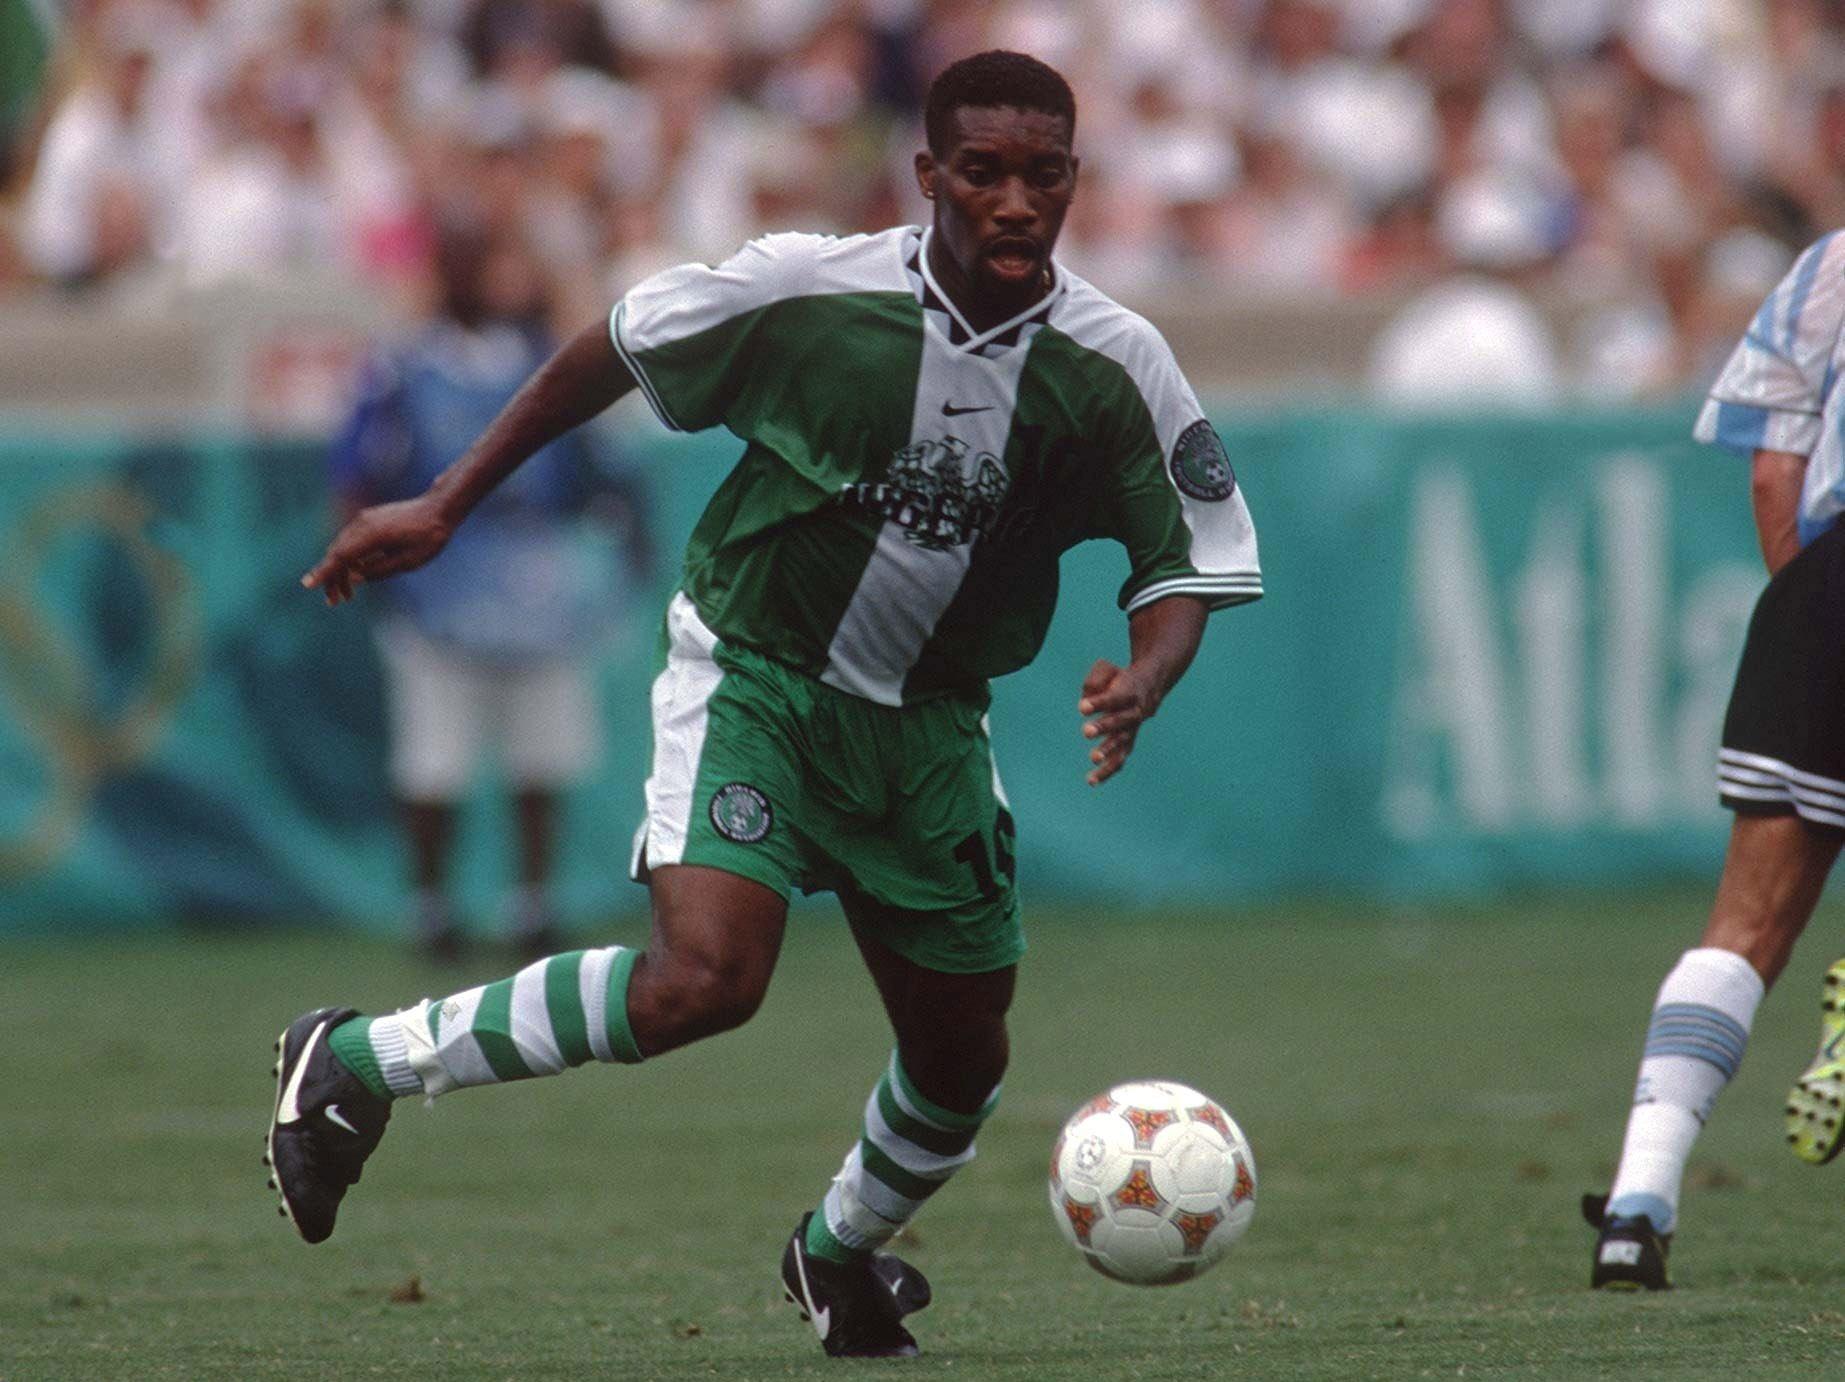 FUSSBALL: Nationalmannschaft 1996 NIGERIA/NGA 03.08.96